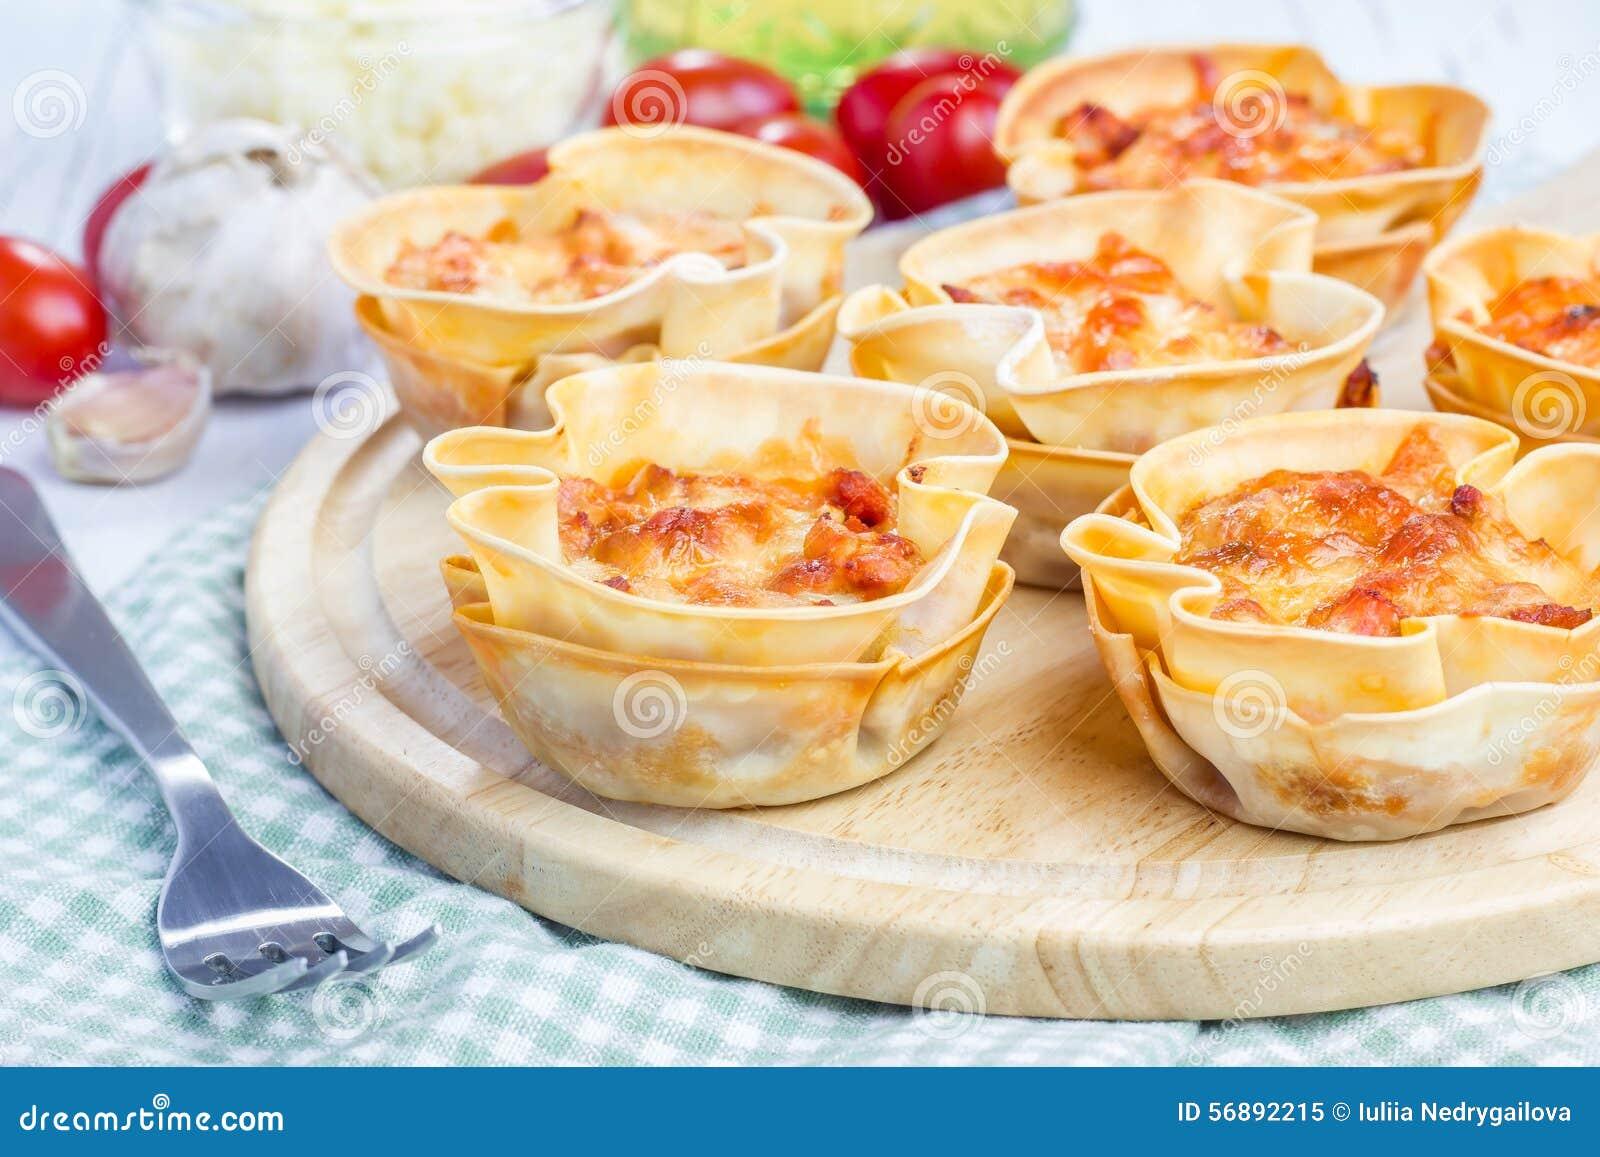 Tazze casalinghe delle lasagne al forno